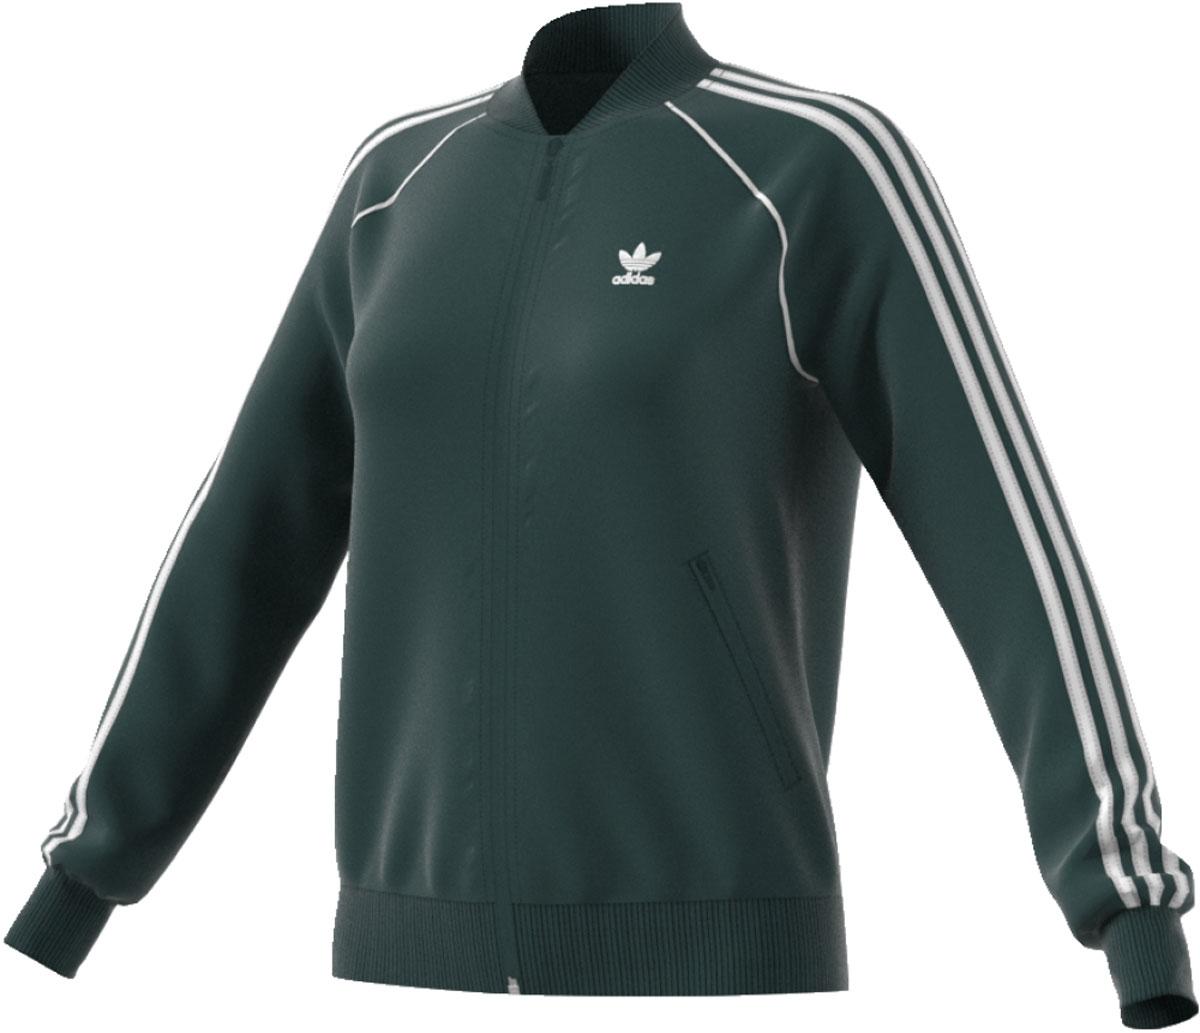 Олимпийка женская Adidas Sst Tt, цвет: темно-зеленый. CE2396. Размер 42 (48)CE2396Современная модель в архивном спортивном стиле. Женская олимпийка с хорошо узнаваемыми аутентичными деталями. Гладкий трикотаж и три полоски на рукавах подчеркивают винтажный дизайн, повторяющий силуэт модели SST.Передние карманы на молнииЗастежка на молнию; рифленый воротник, как на архивной олимпийке SSTКонтрастная отделка на рукавахРифленые манжеты и нижний крайТрилистник на груди